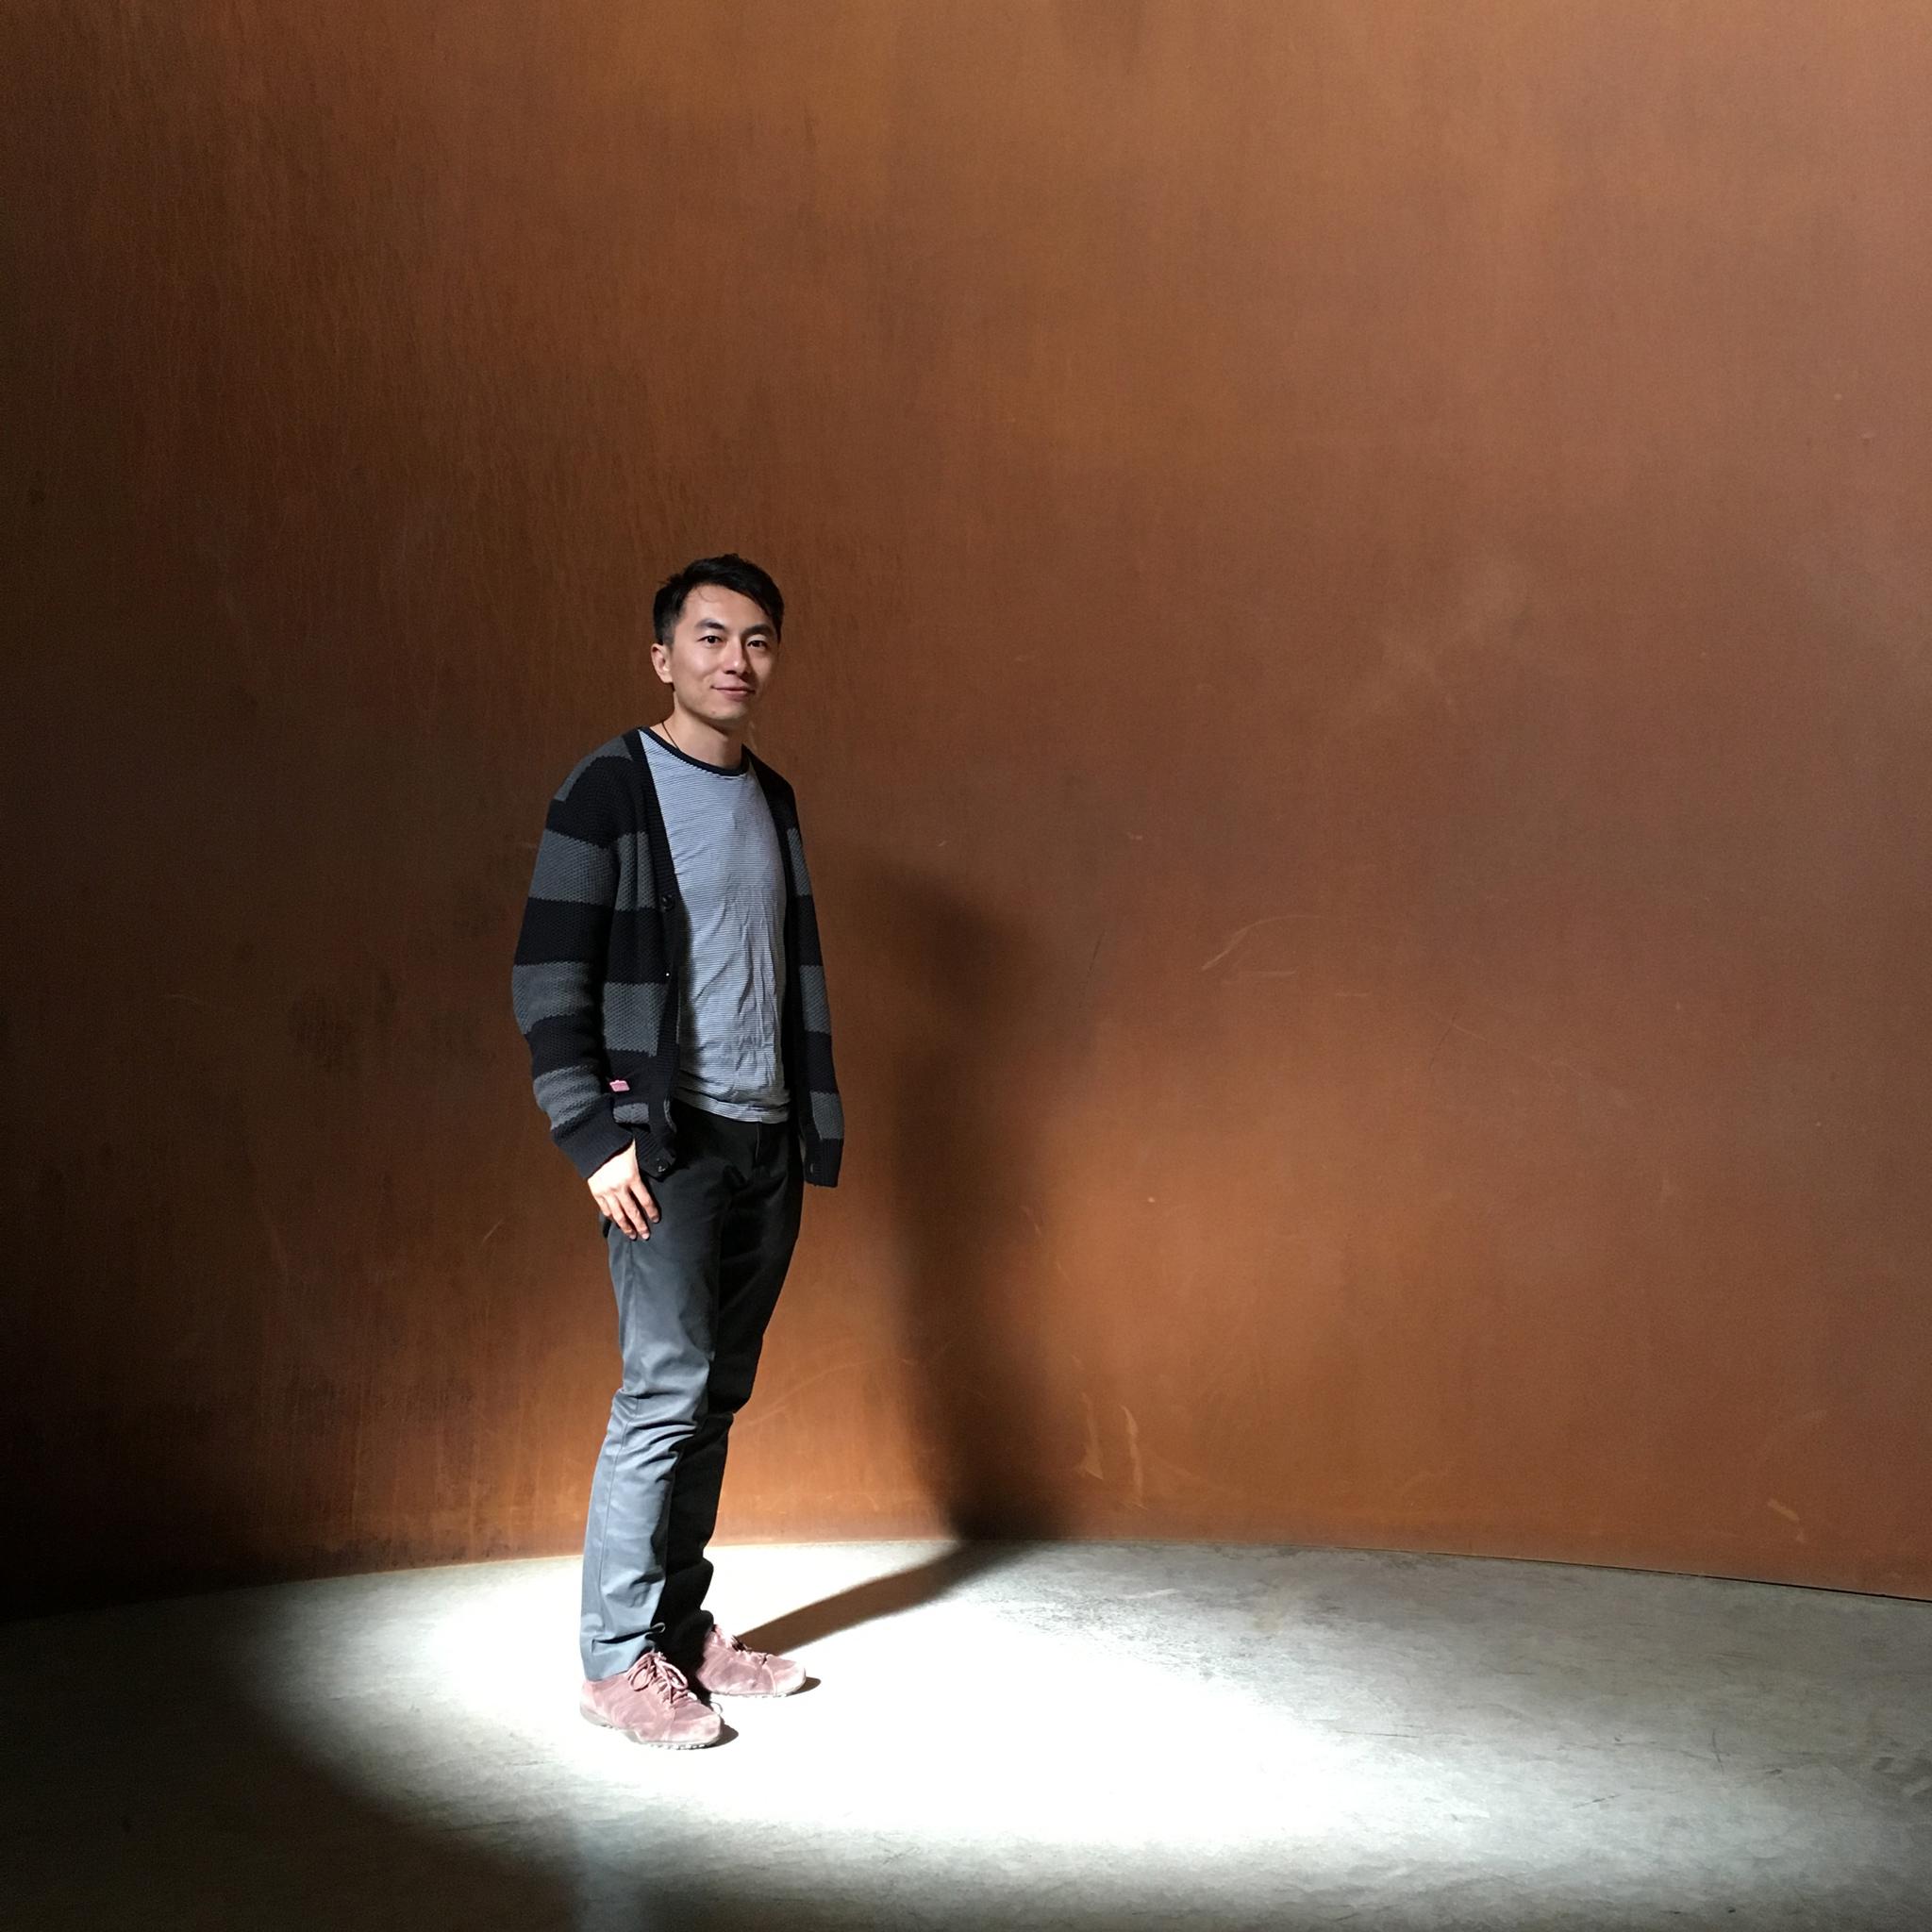 Chinese architectural designer, Jun Deng